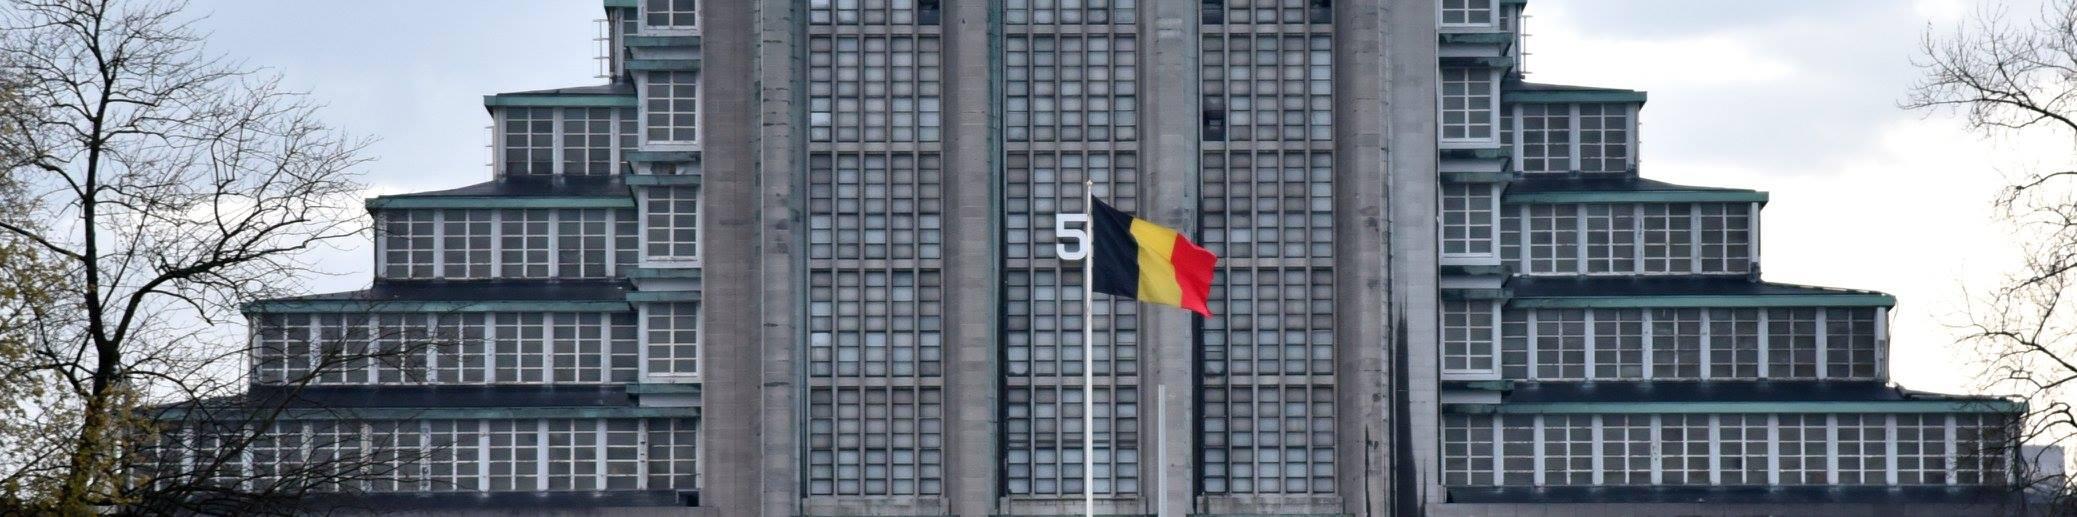 Géométriquement Bruxellois